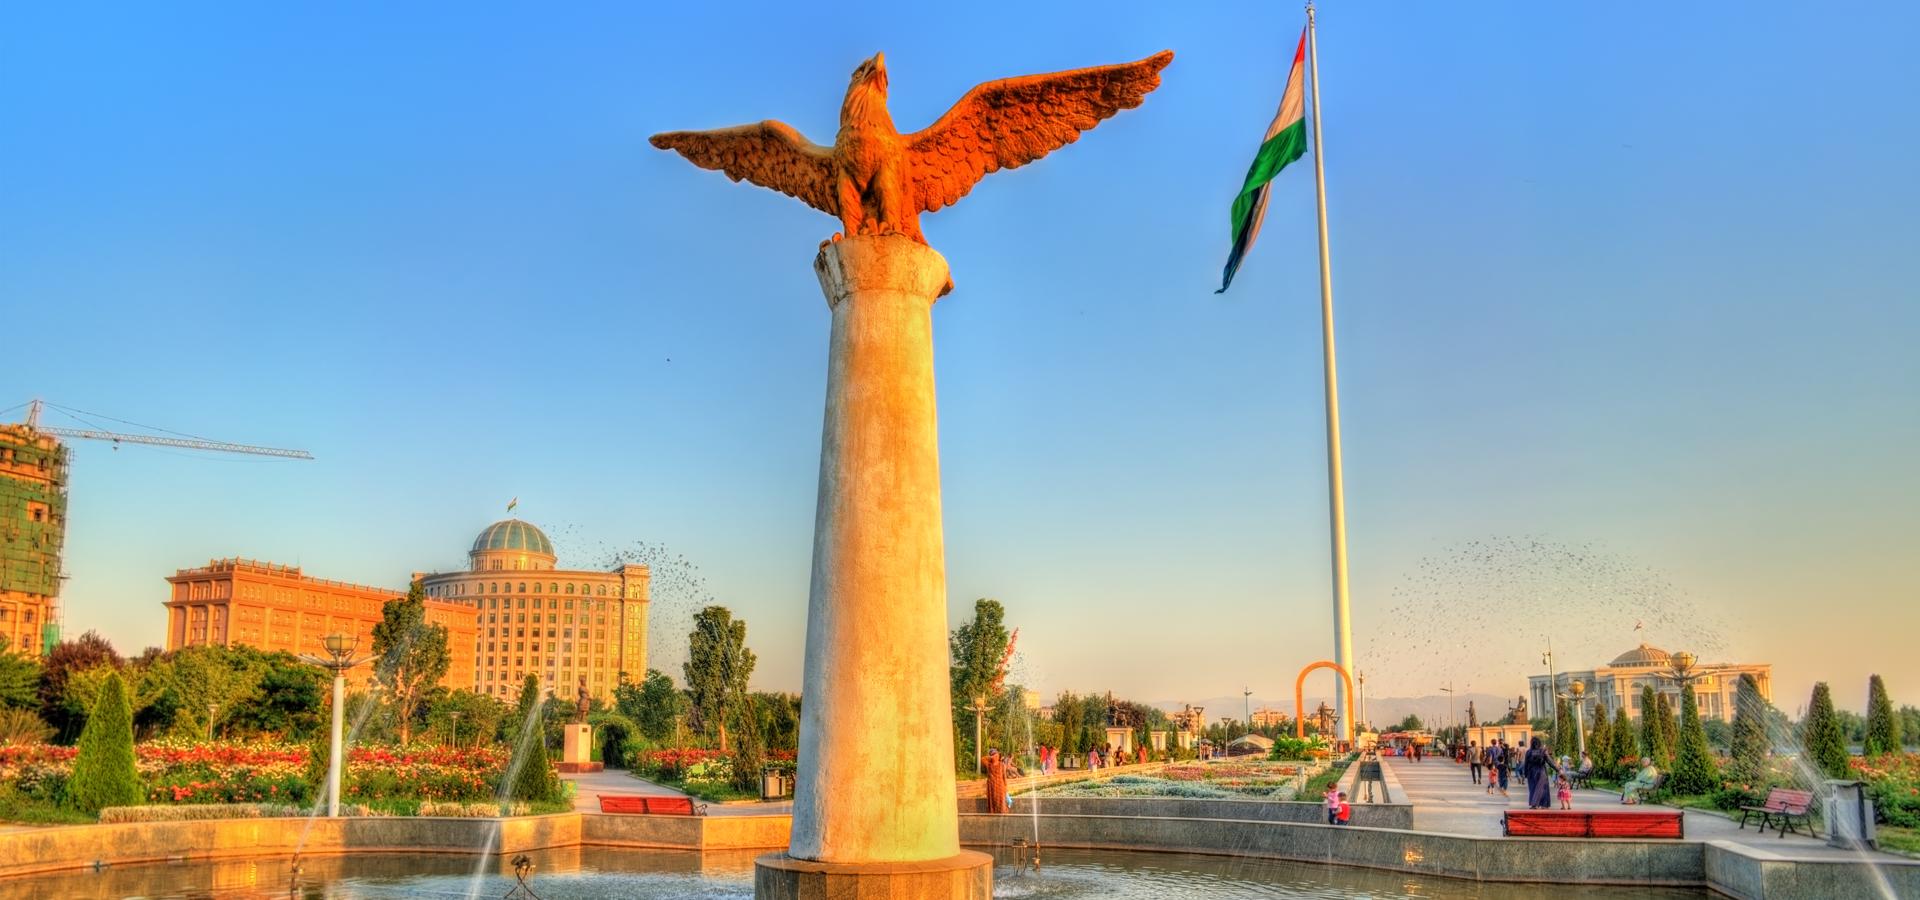 Dushanbe Time